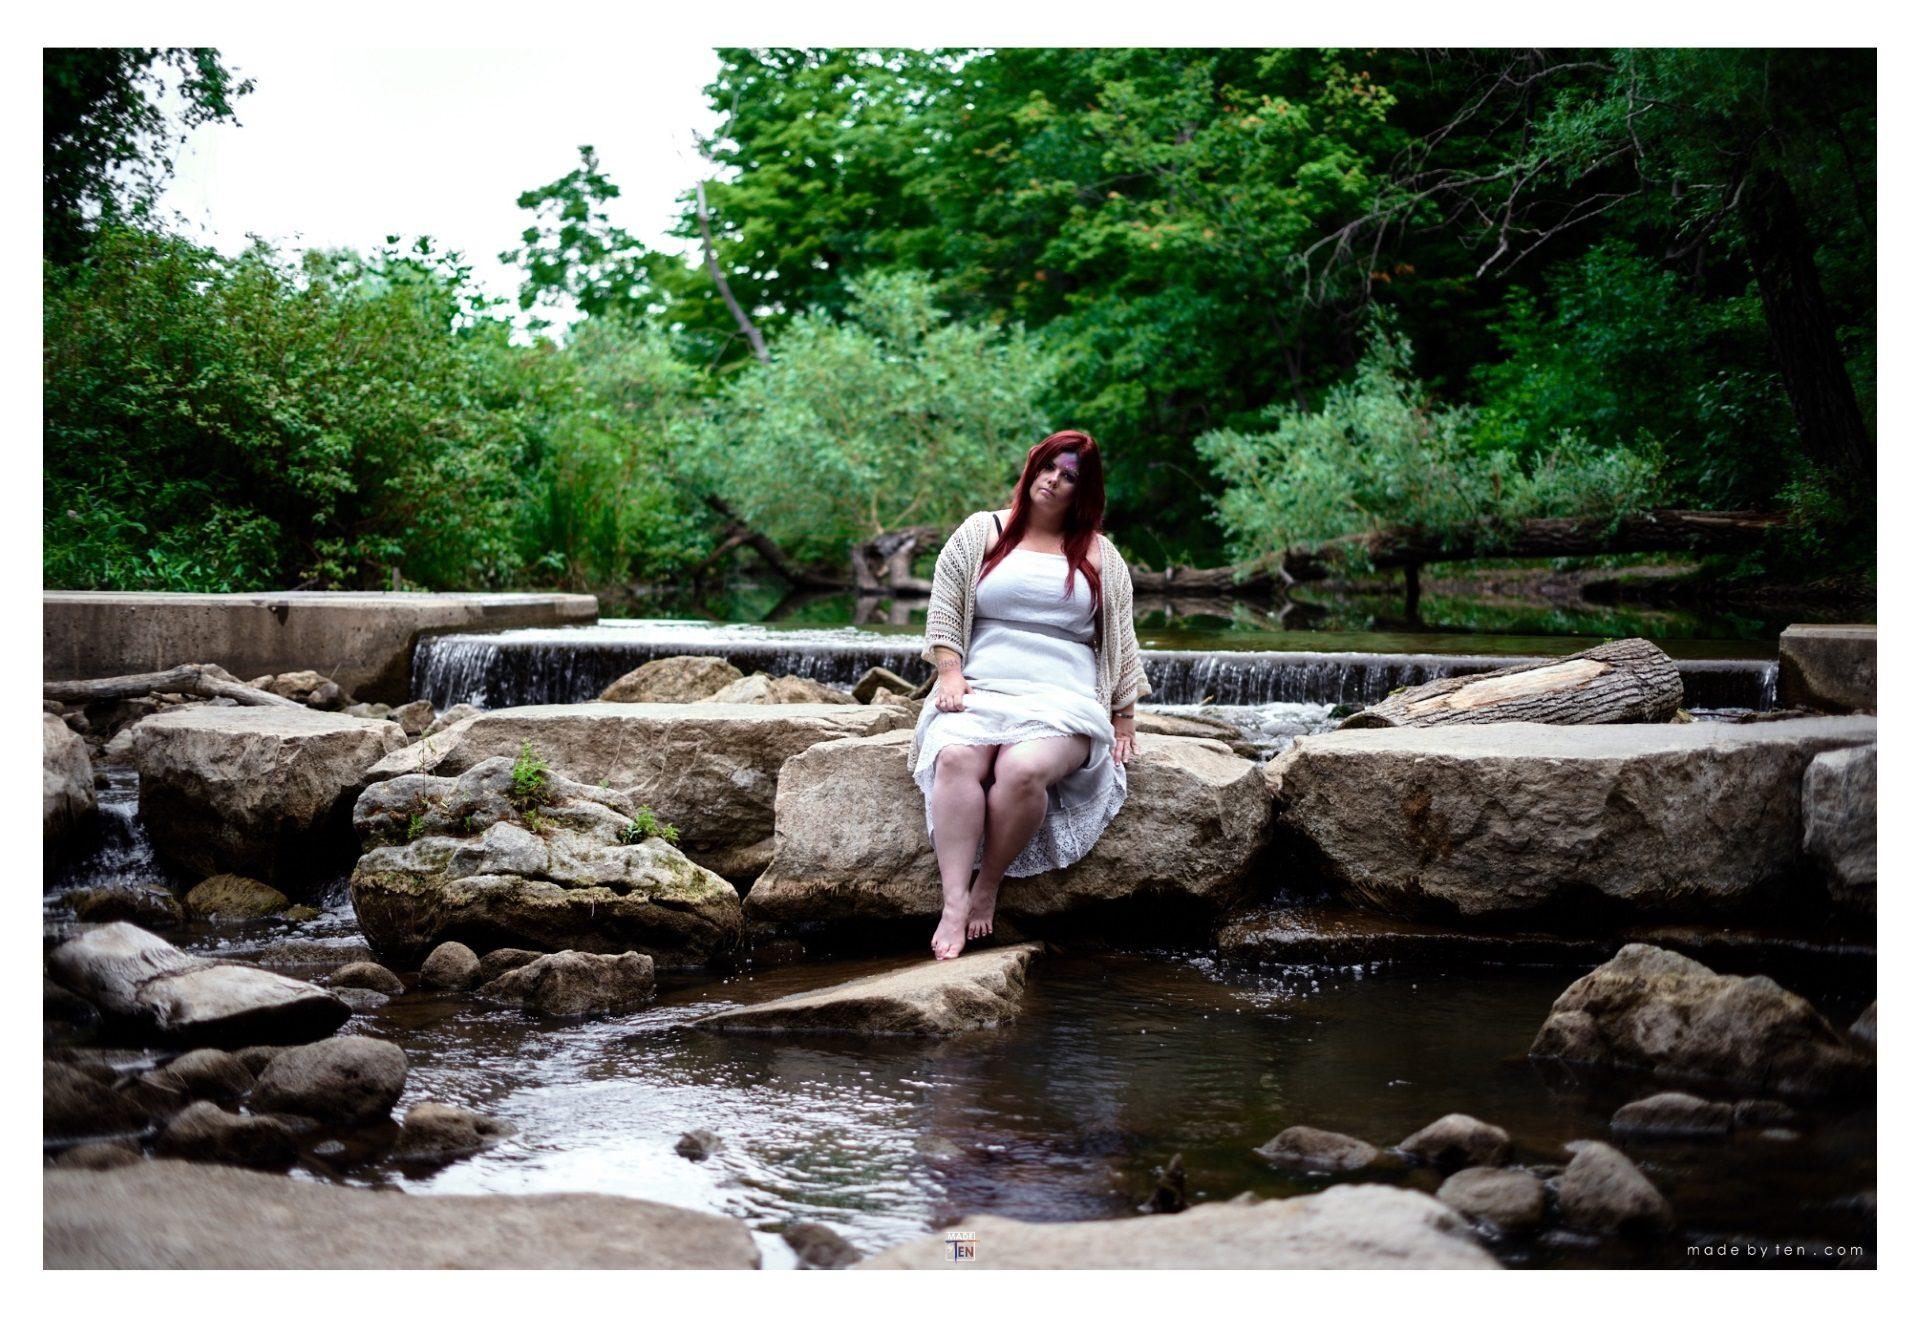 Woman Rock Pond - GTA Women Fantasy Photography